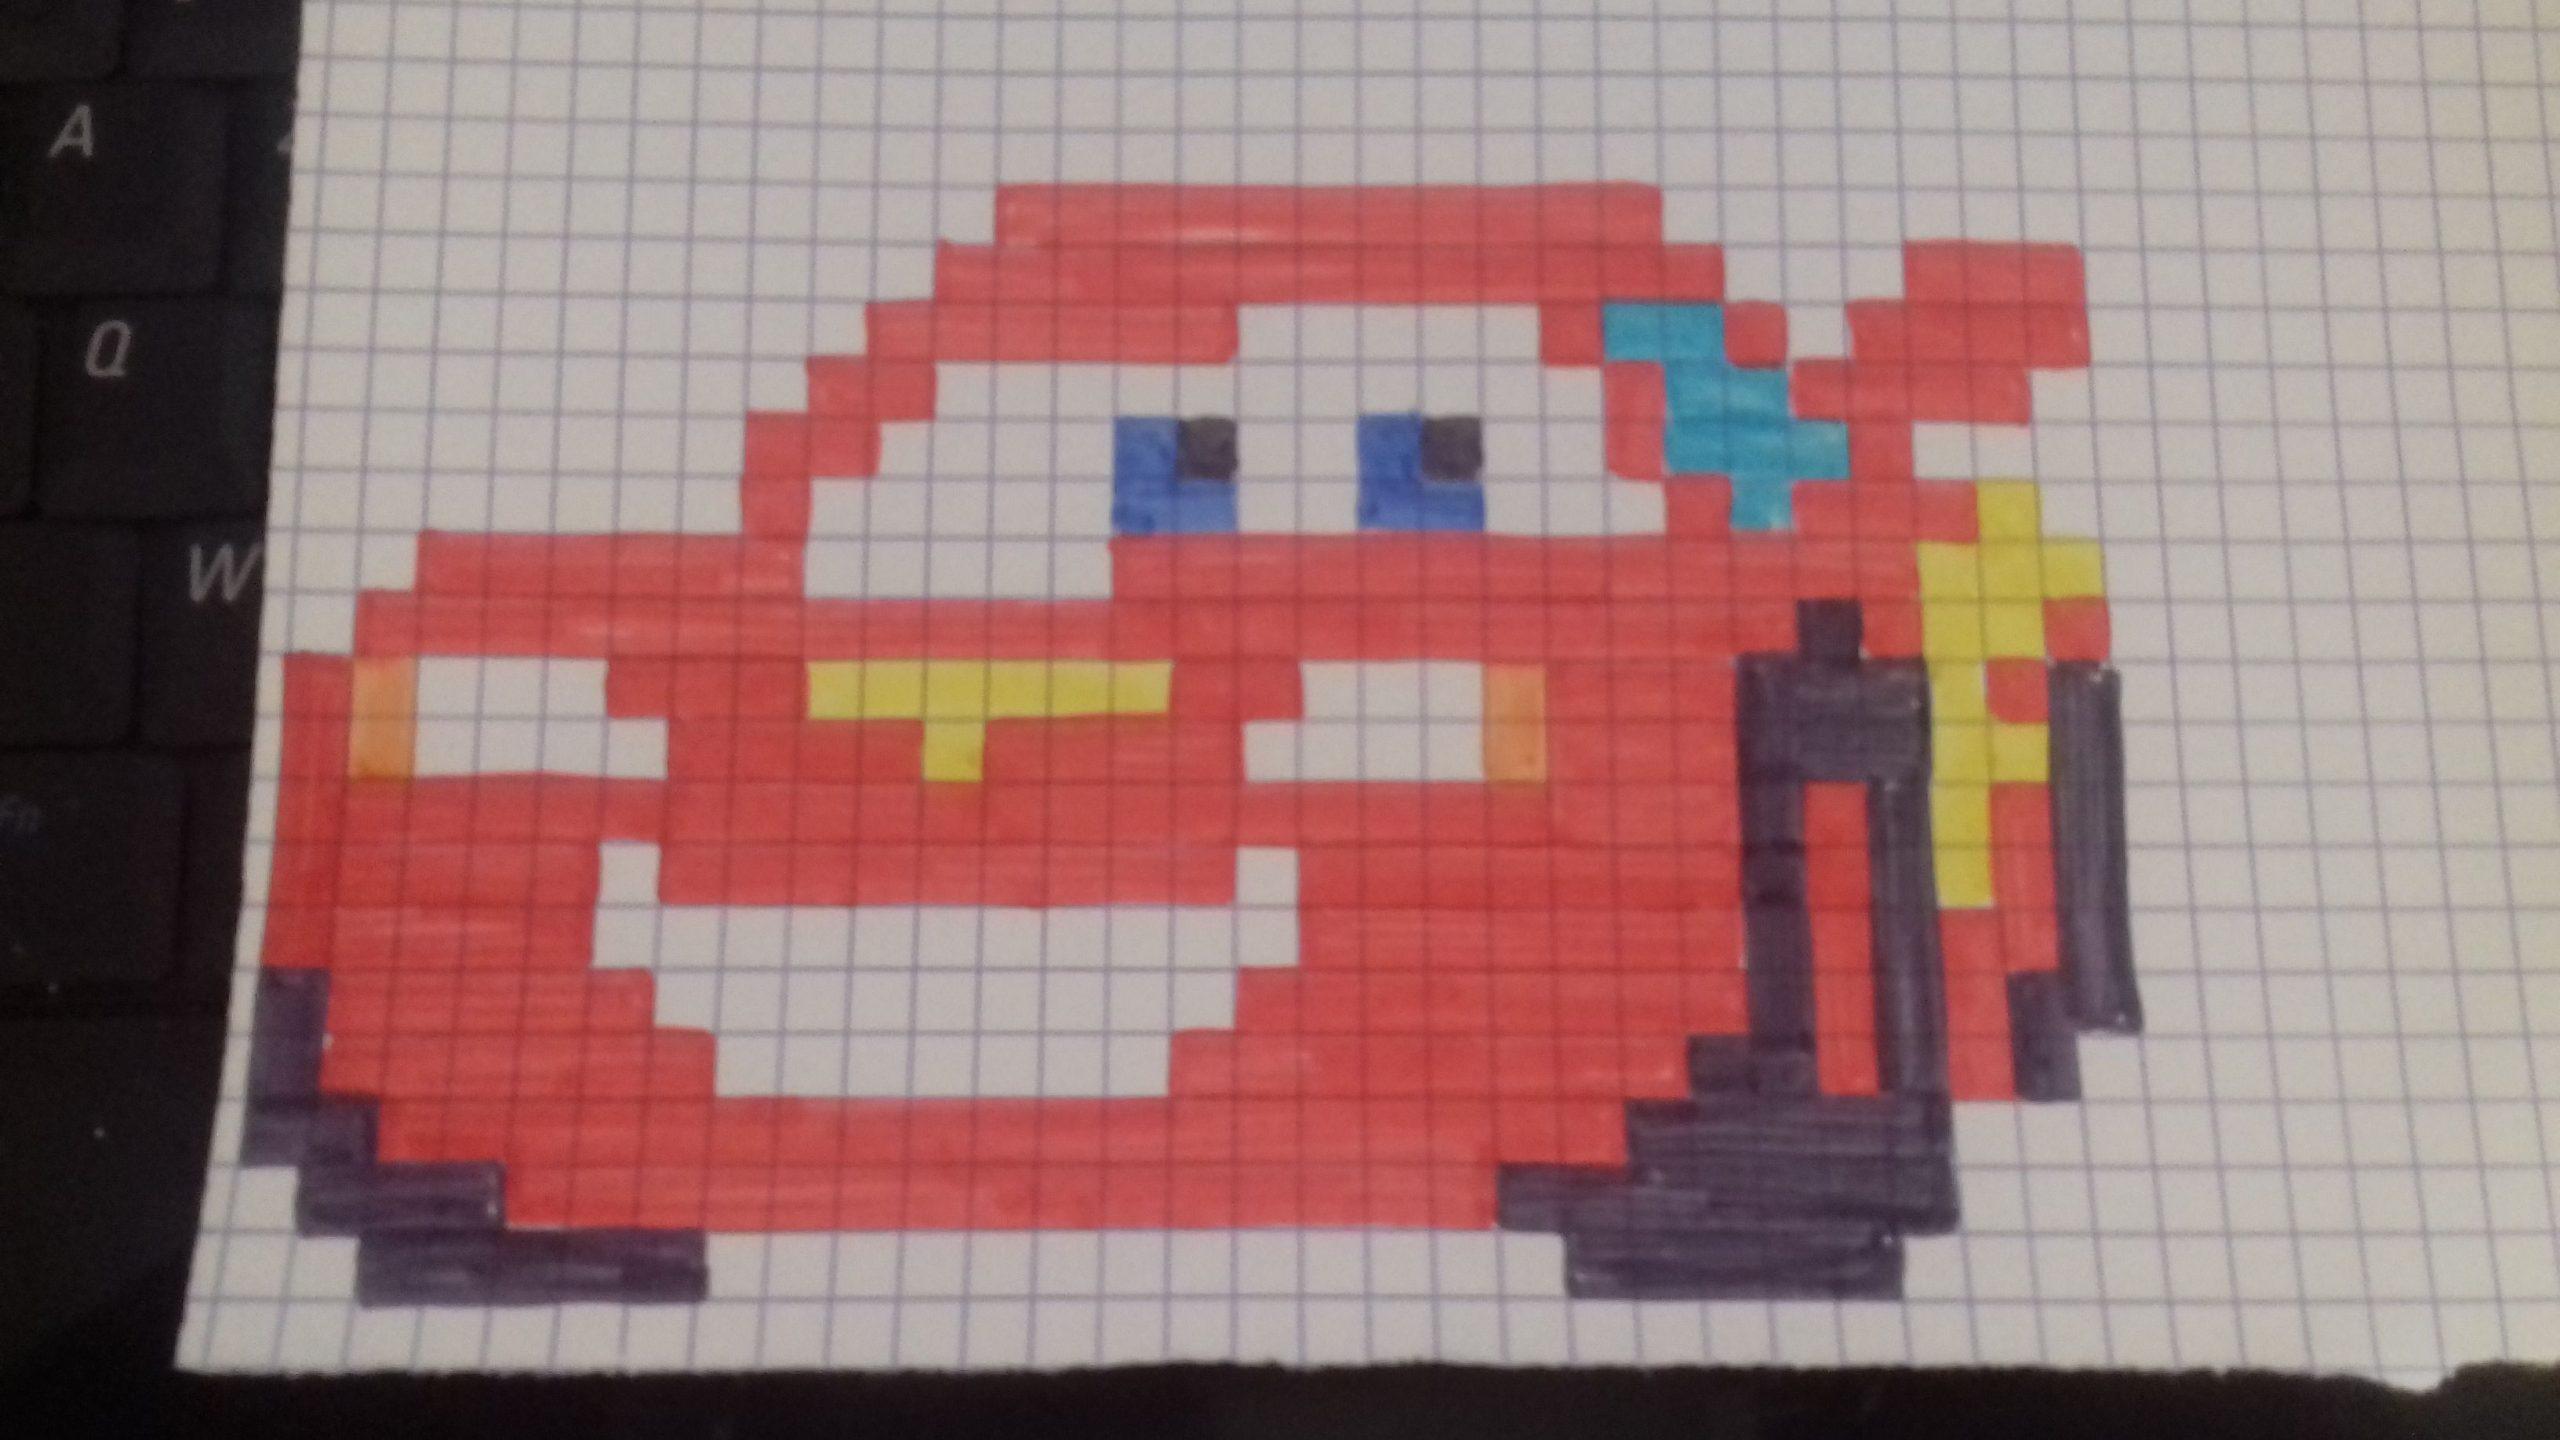 Image Du Blog Lesbricodelo.centerblog | Dessin Pixel encequiconcerne Voiture Pixel Art